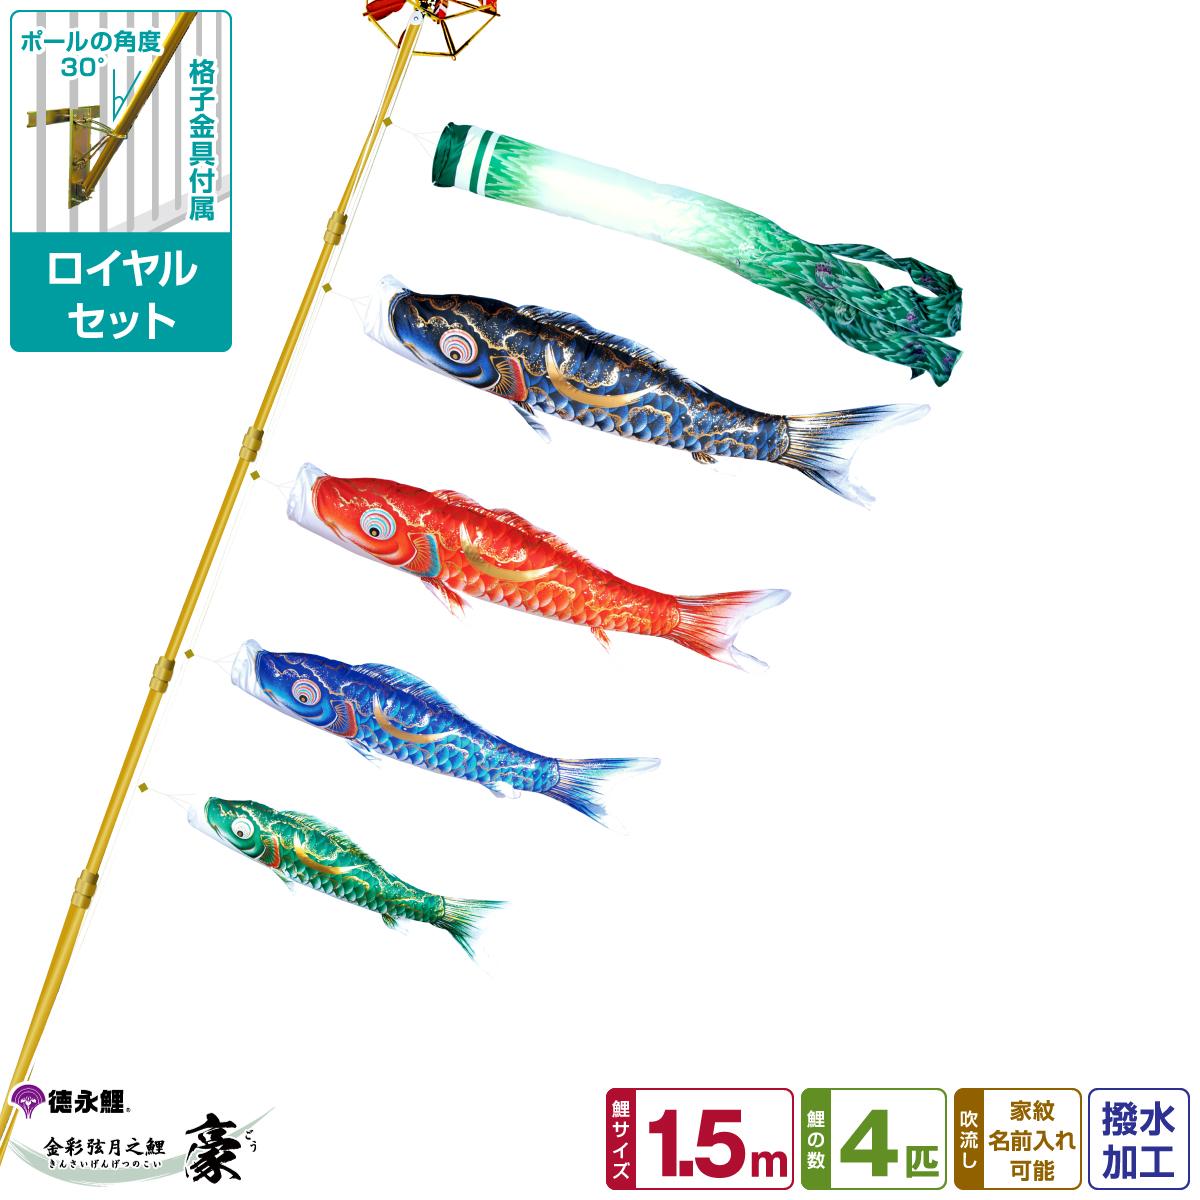 徳永鯉のぼり 豪鯉 1.5m 7点セット ベランダ用ロイヤルセット 2019年初節句 端午の節句 こどもの日 こいのぼり